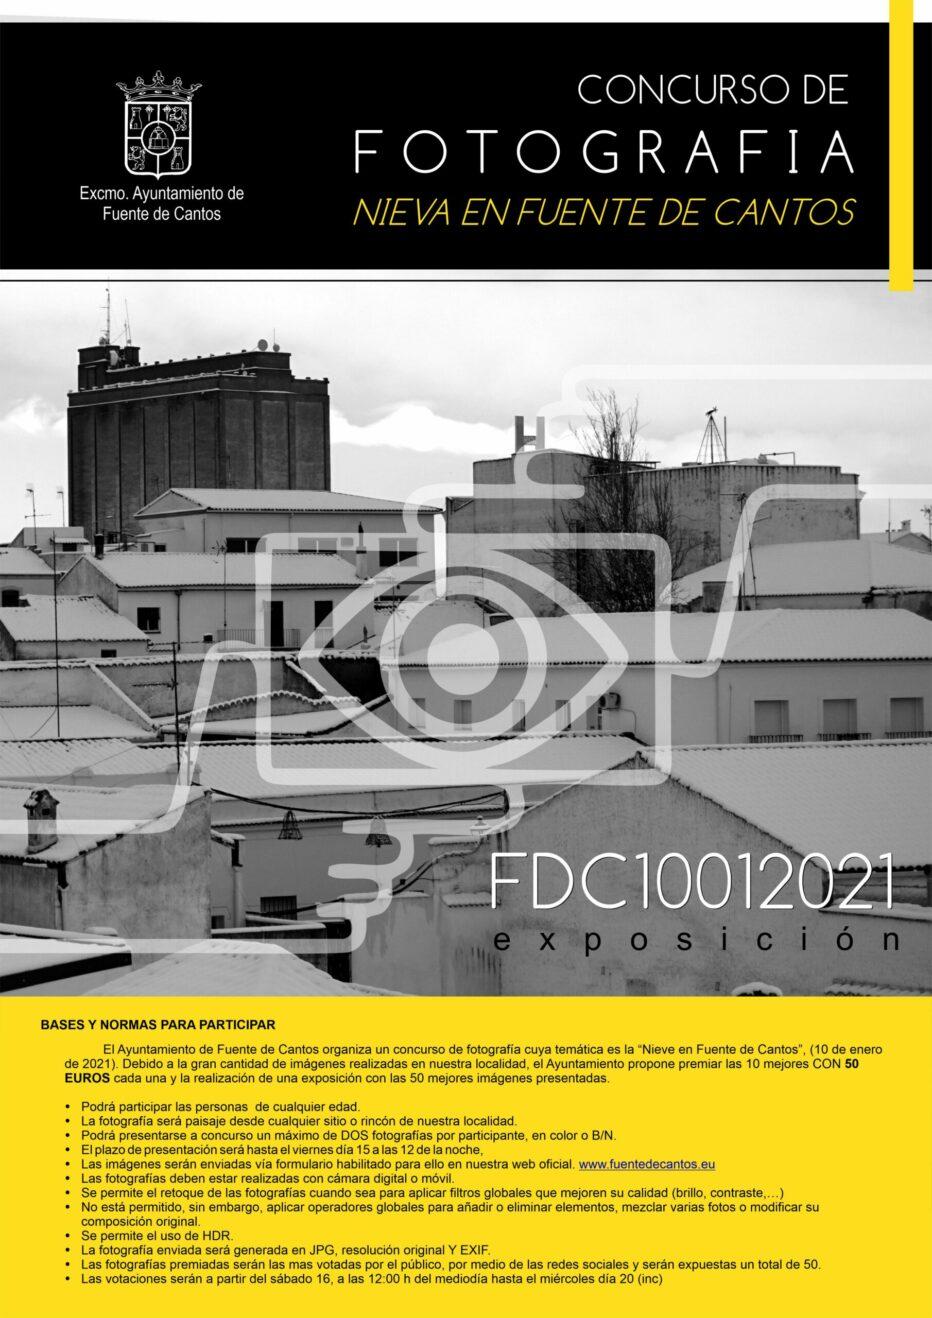 """Concurso de Fotografía """"Nieve en Fuente de Cantos"""""""